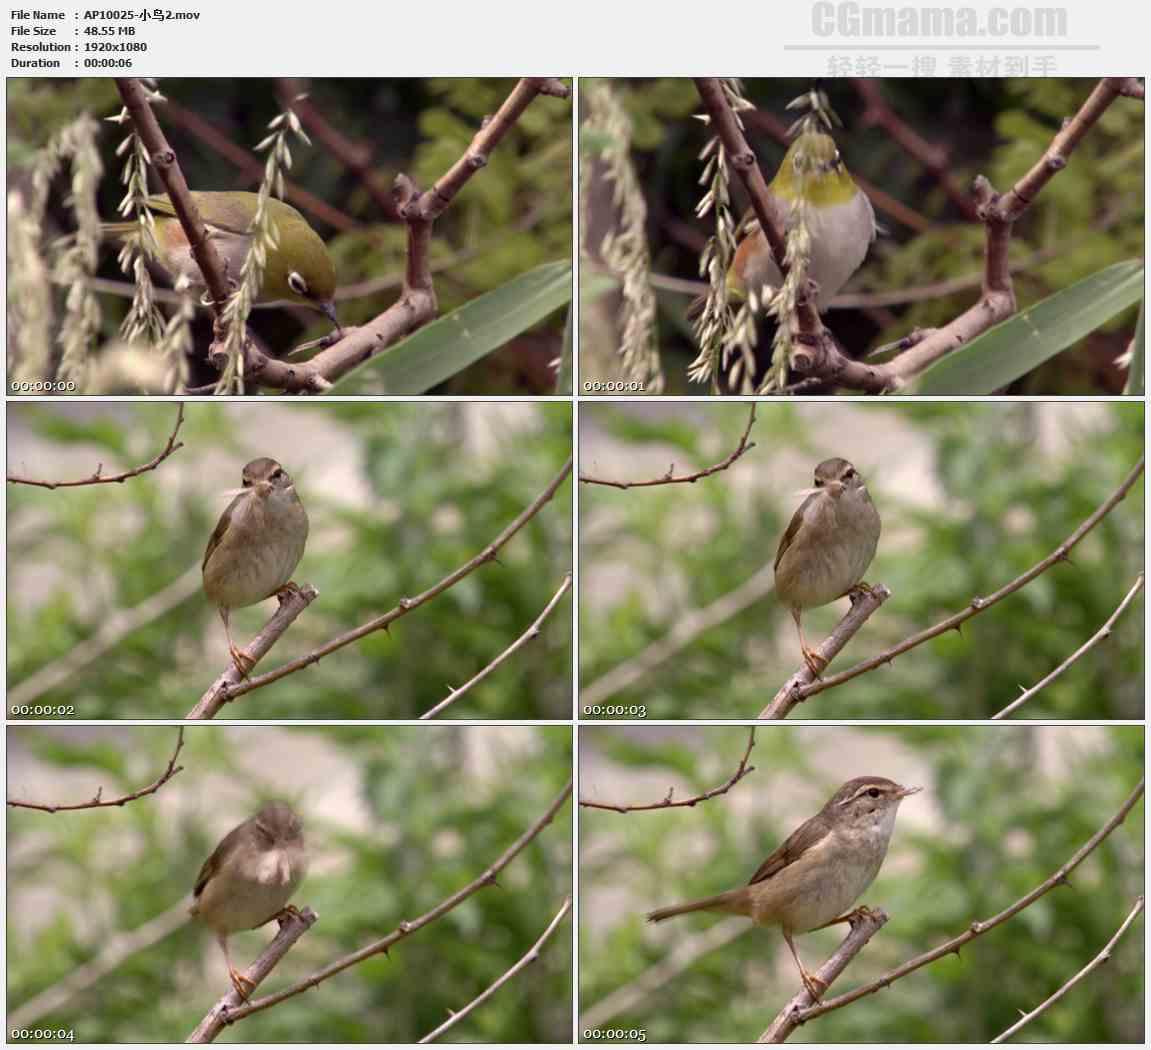 AP10025-小鸟捕食蛾子高清实拍视频素材